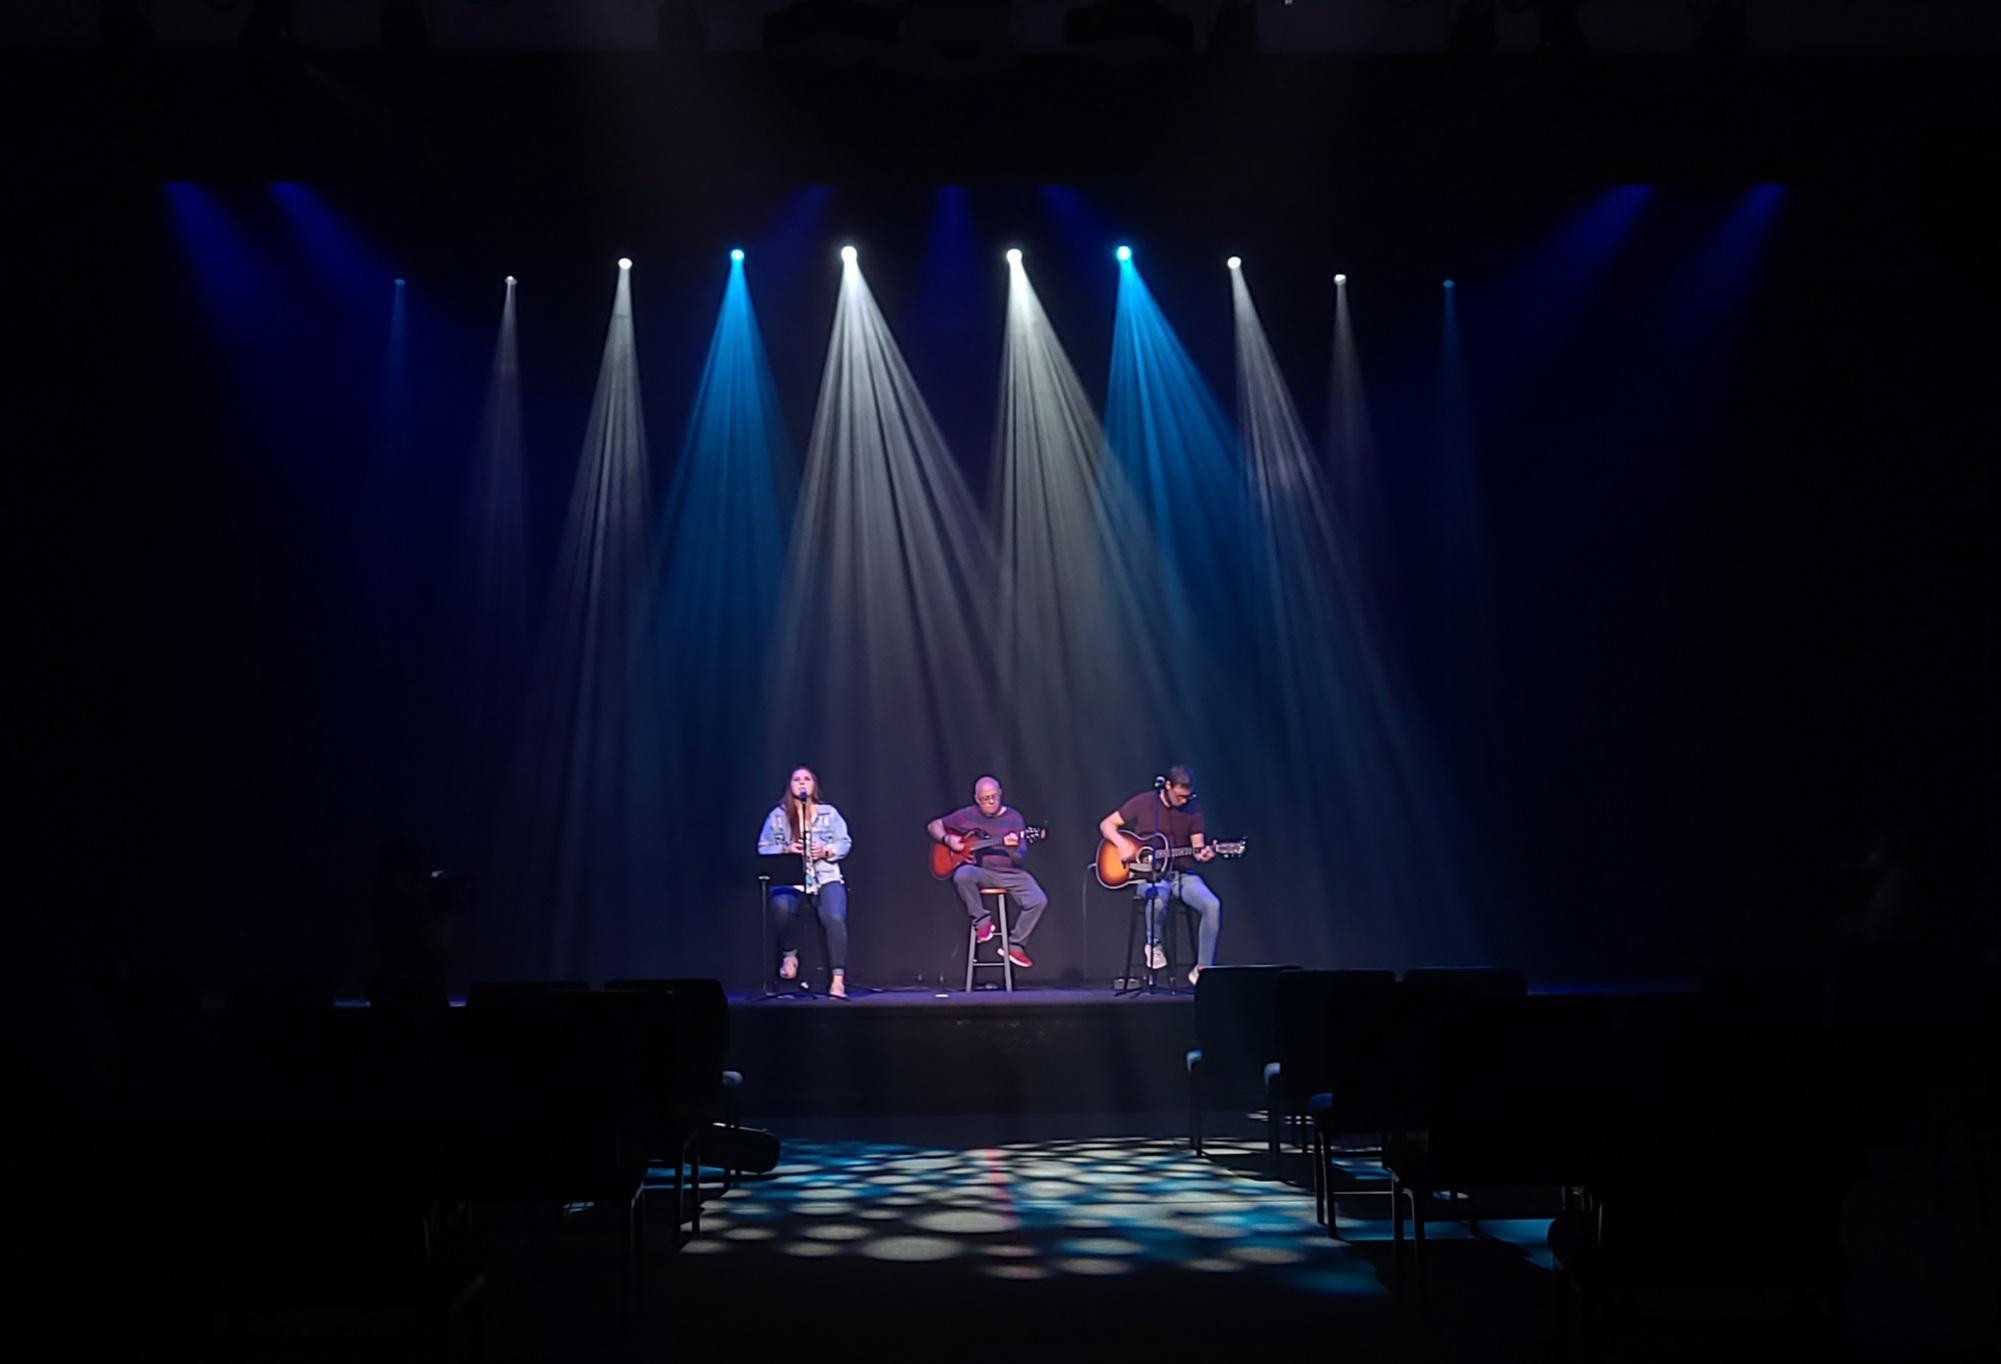 between stage and lighting arrangements